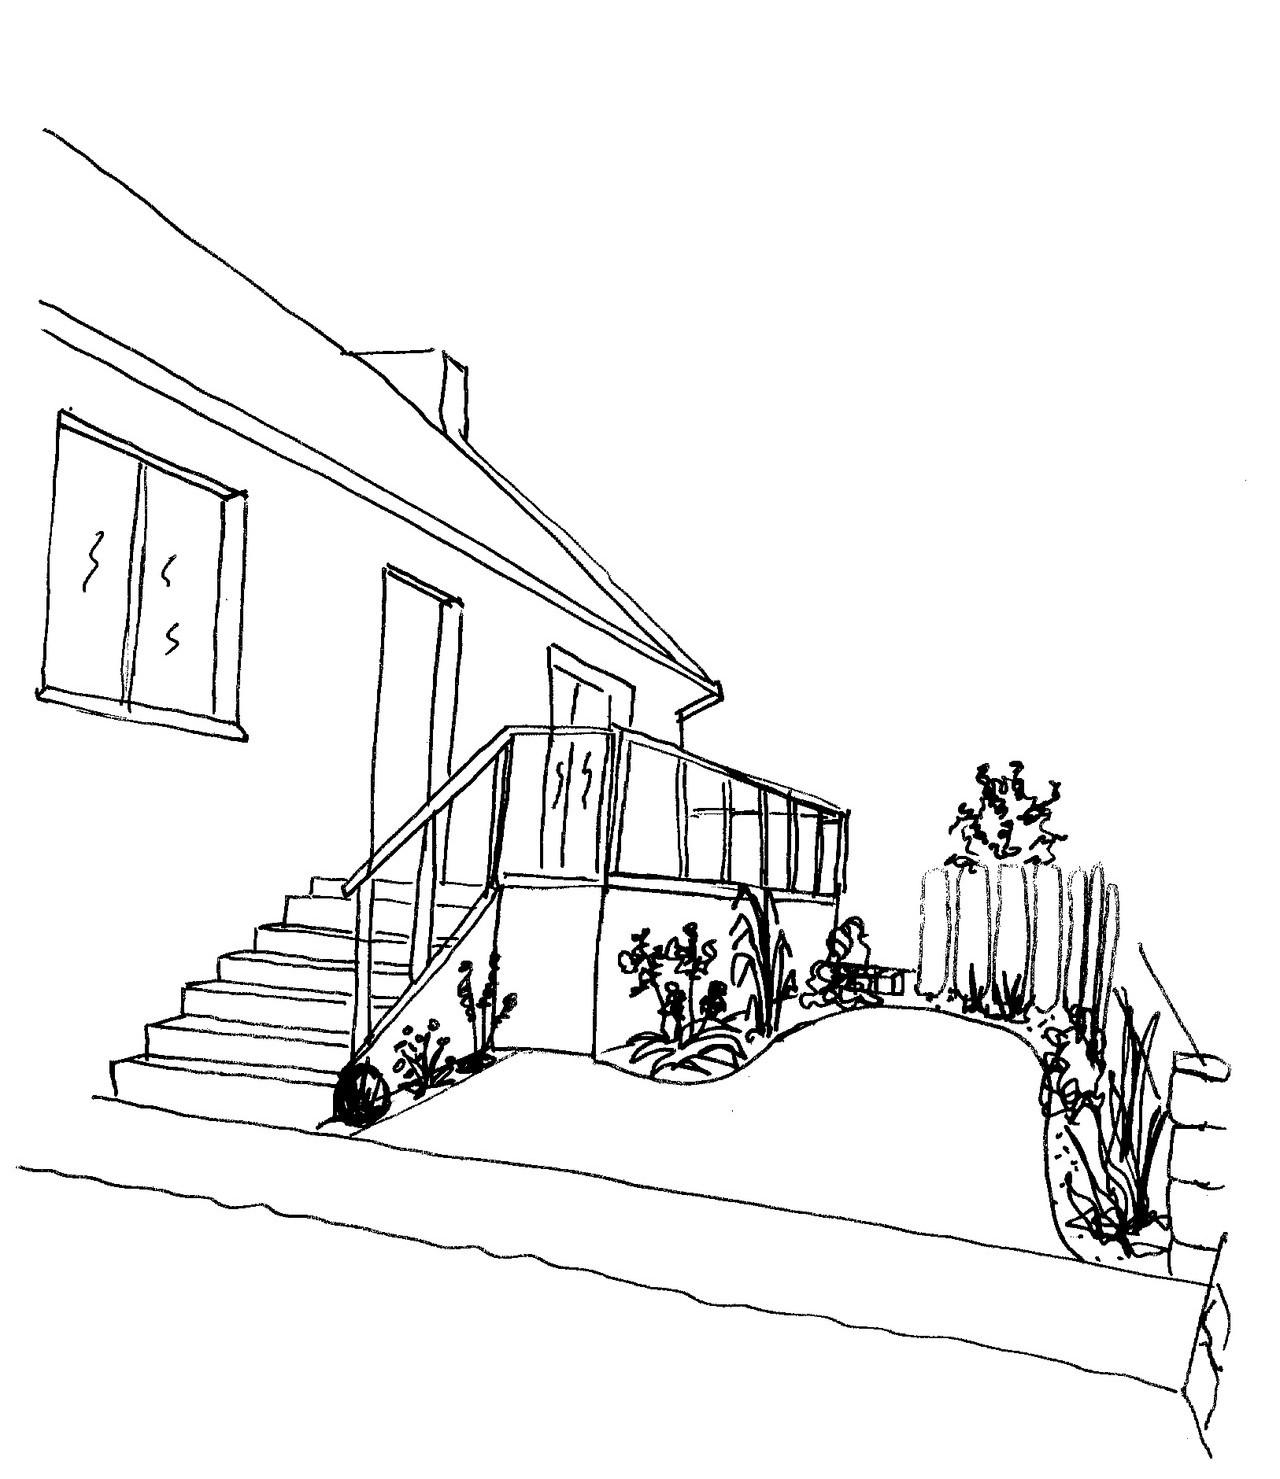 REF 112 Aménagement de maison sur sous-sol: esquisse vue depuis l'entrée de la rue